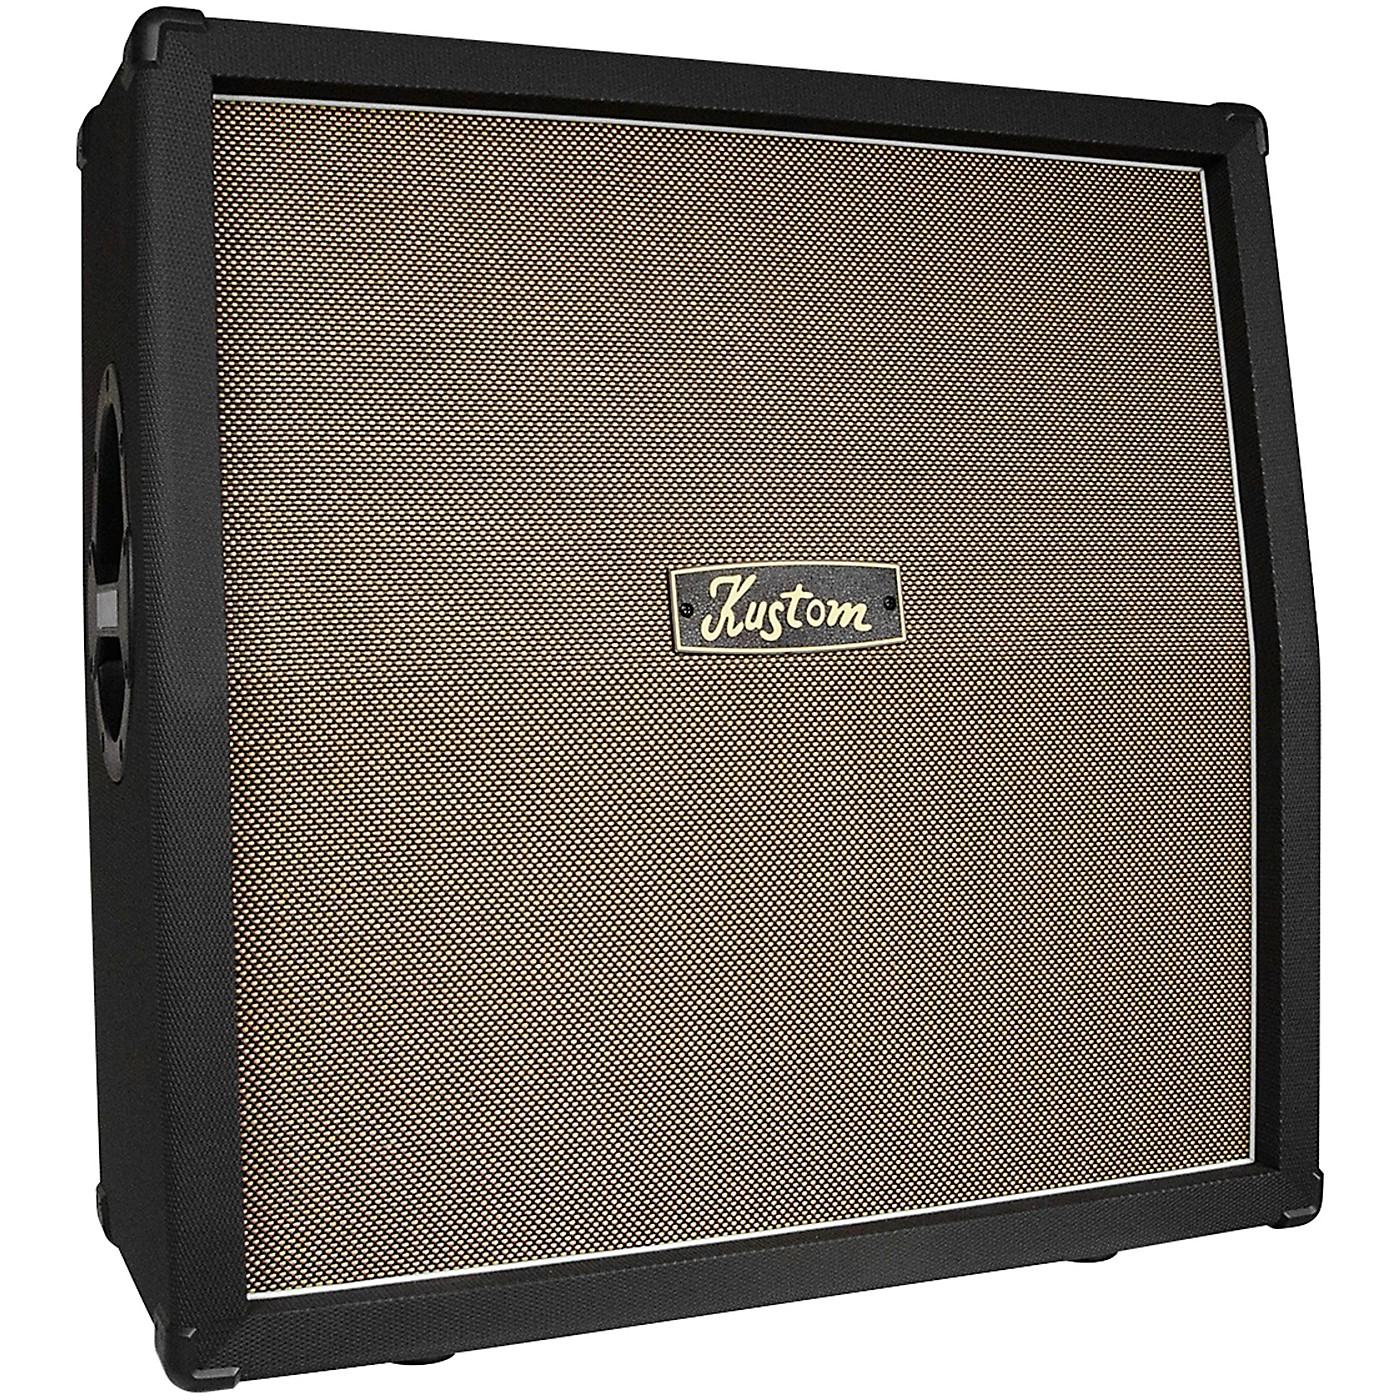 Kustom KG412 120W 4x12 Slanted Guitar Speaker Cabinet thumbnail